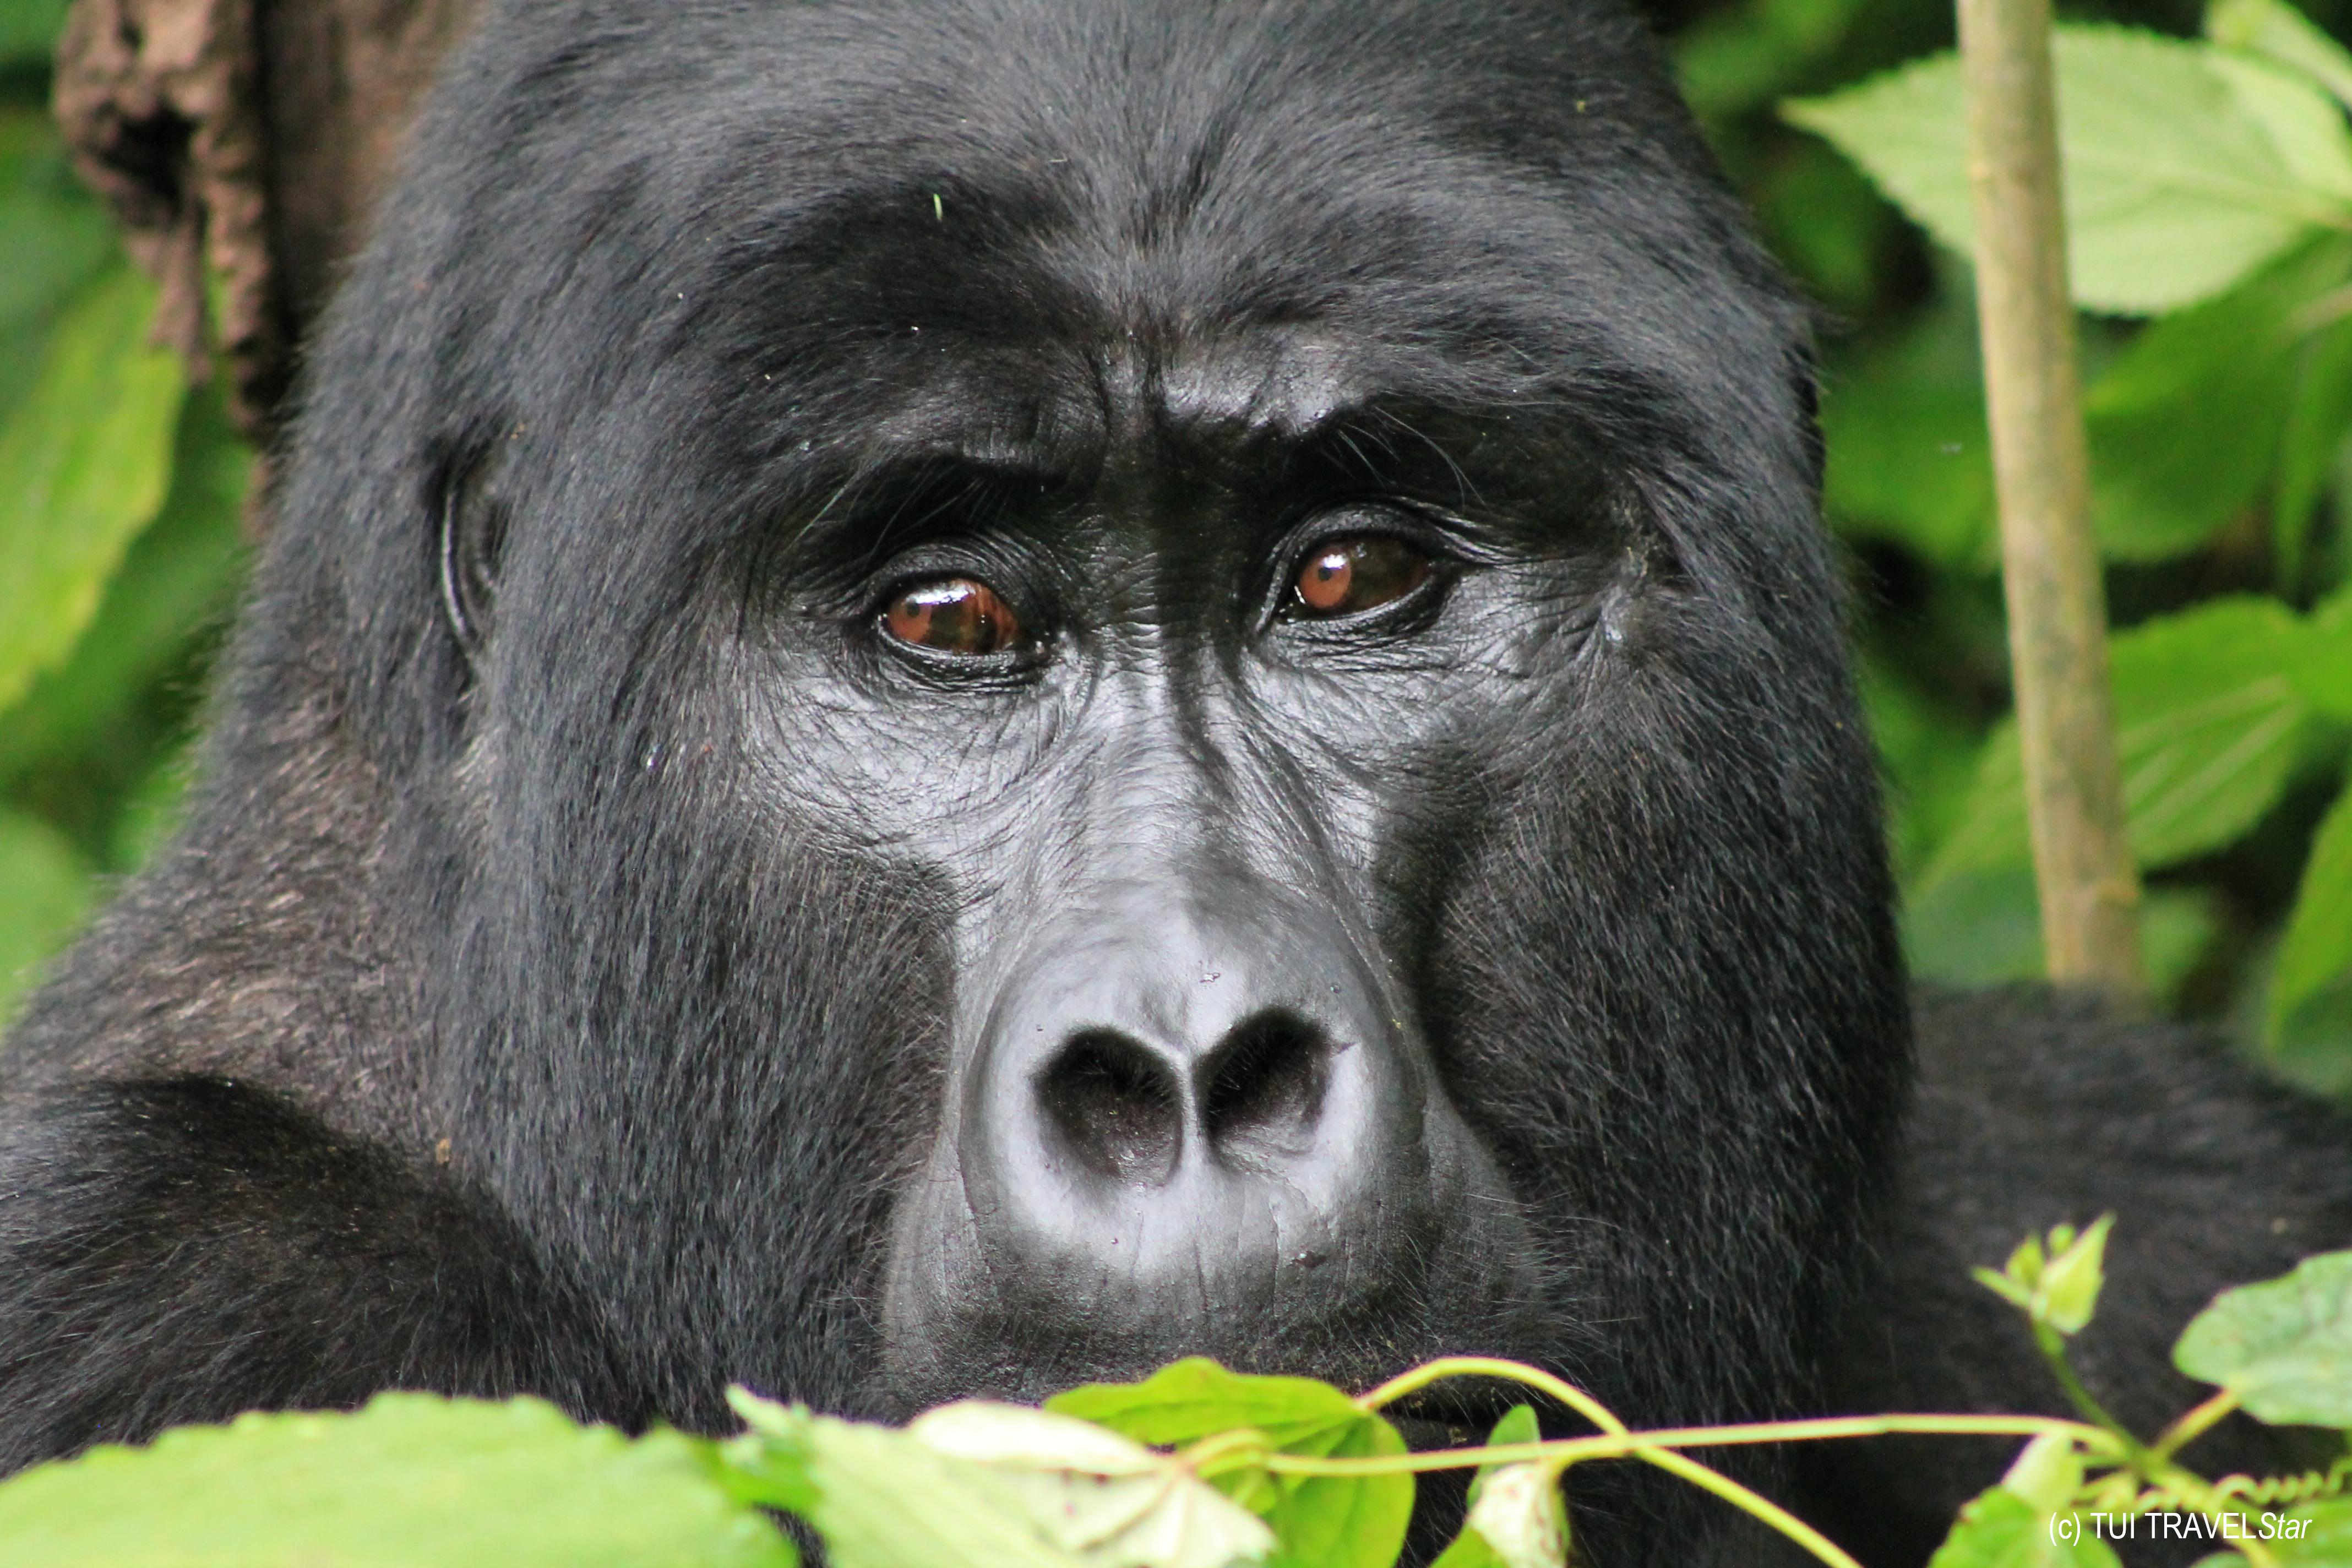 Uganda – Auge in Auge mit den letzten Berggorillas